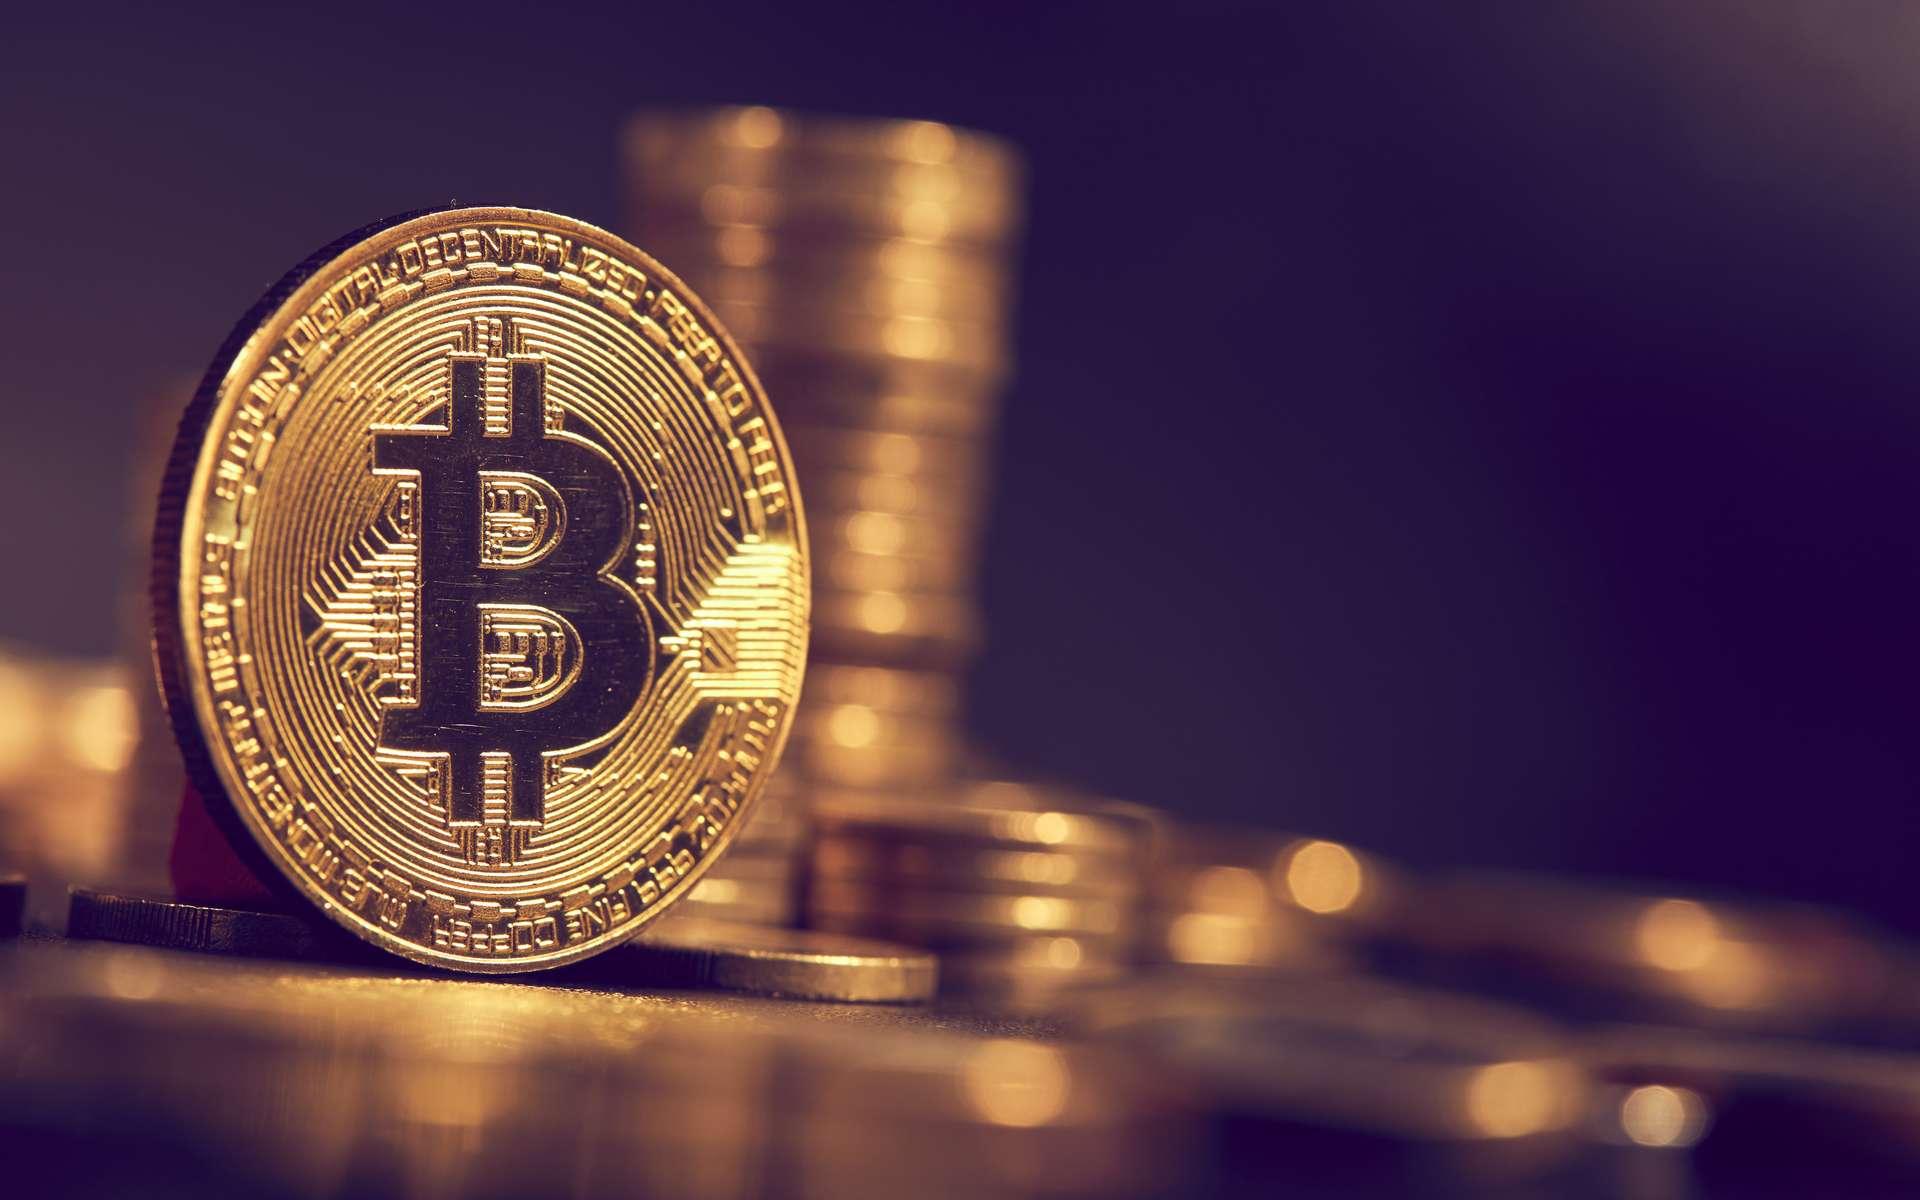 La valeur du bitcoin dépasse pour la première fois les 40.000 dollars. © fox17, Adobe Stock